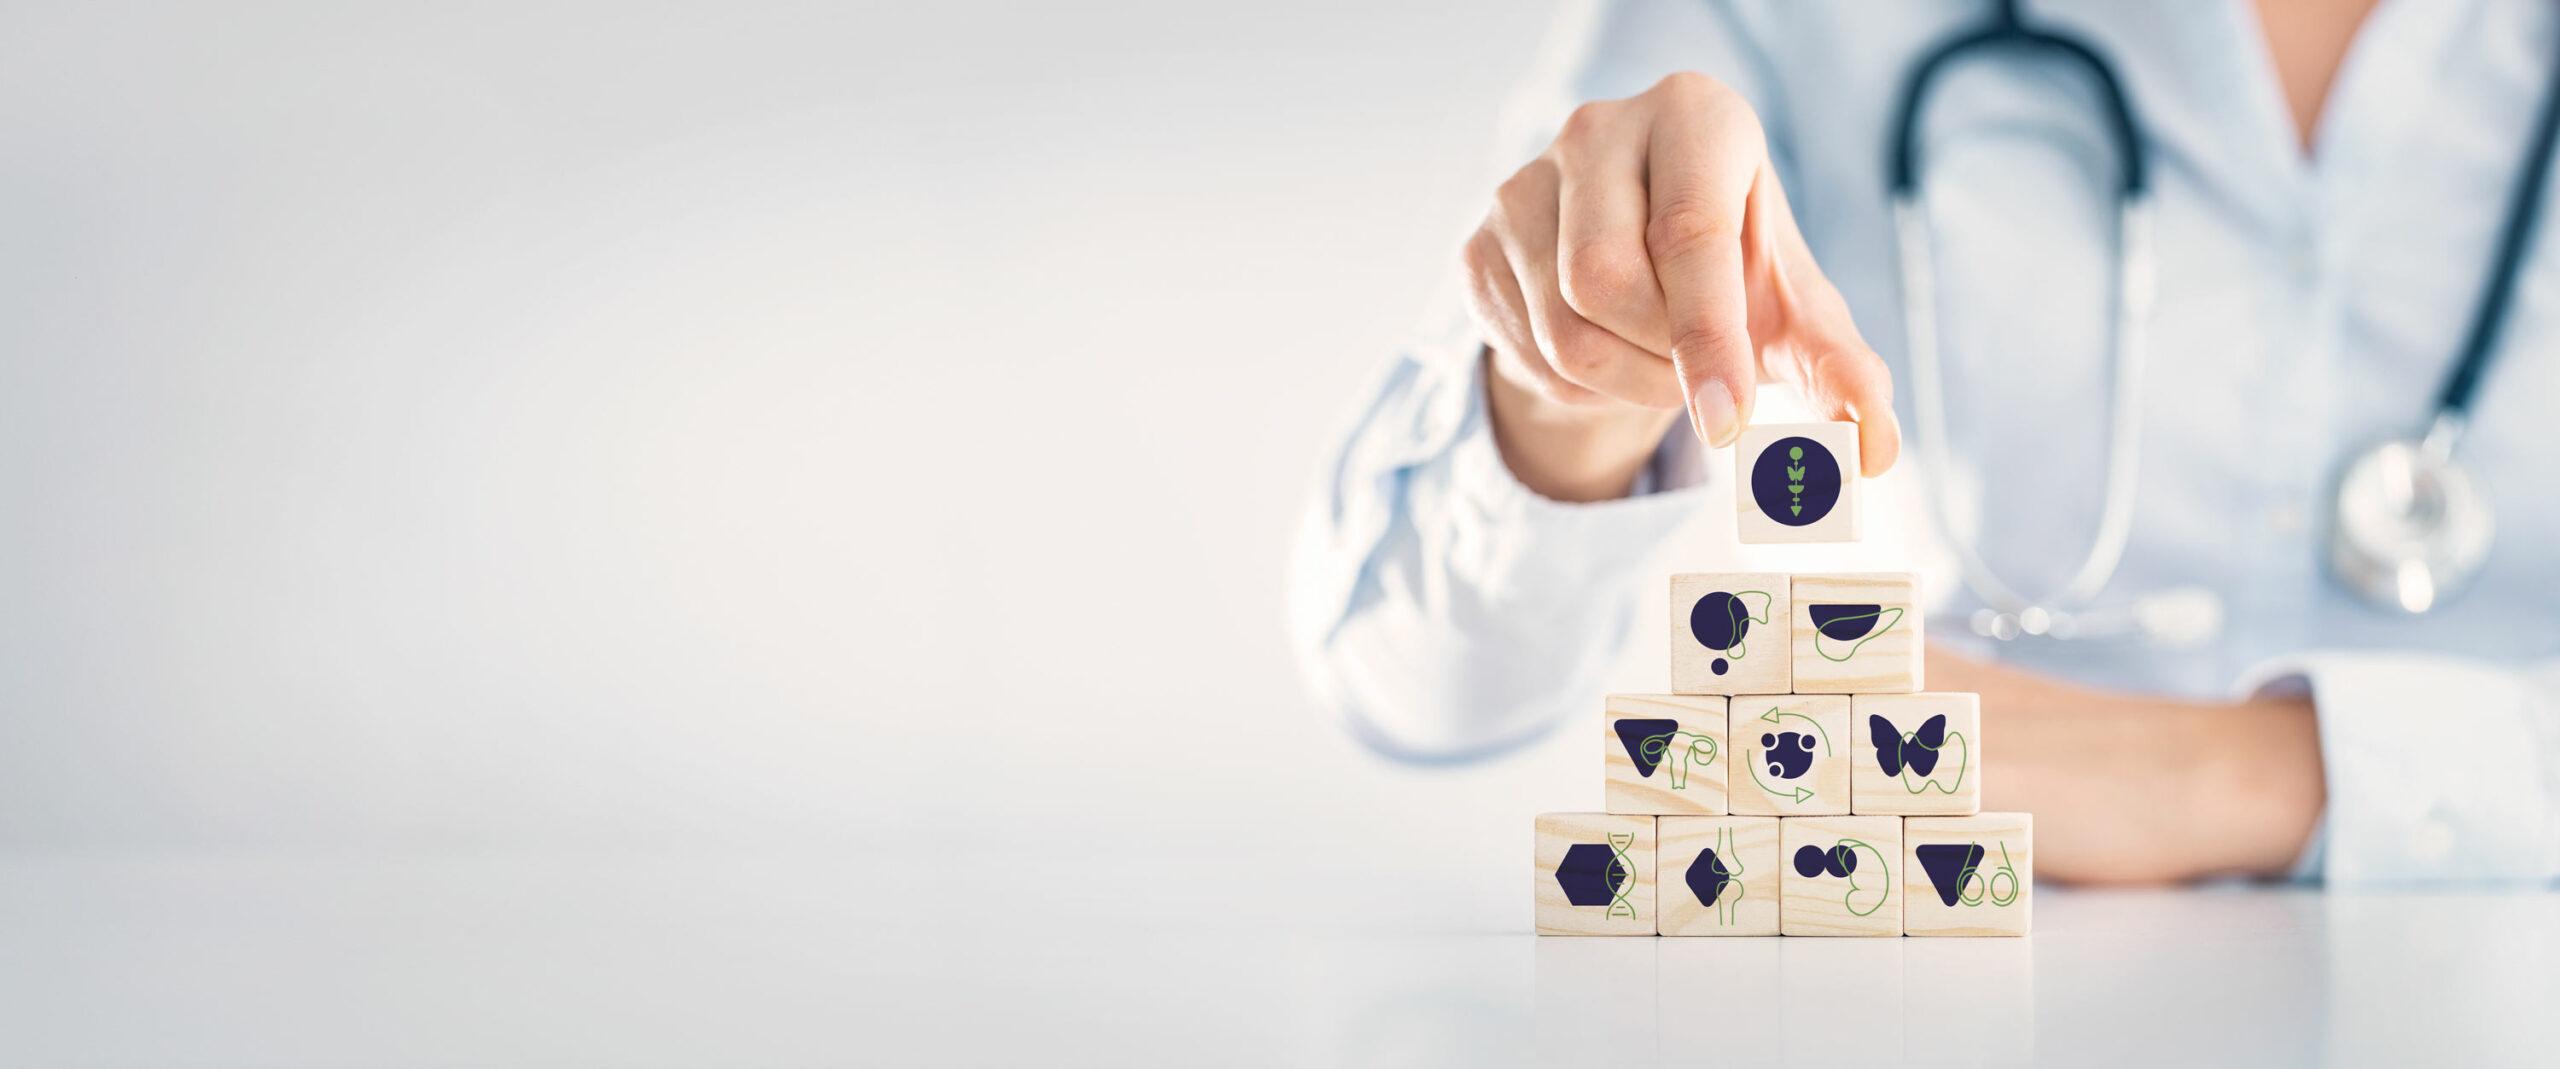 Das Bild zeigt einen Arzt mit Bausteinen. Auf den Bausteinen sieht man das Logo des Endomedicums sowie Icons der Organe: Hirnanhangdrüse, Bauchspeicheldrüse, Gebärmutter, Stoffwechsel, Schilddrüse, Innere Medizin, Knochenstoffwechsel, Nebennieren, Hoden. Endokrinologe Düsseldorf Essen Mönchengladbach Bonn